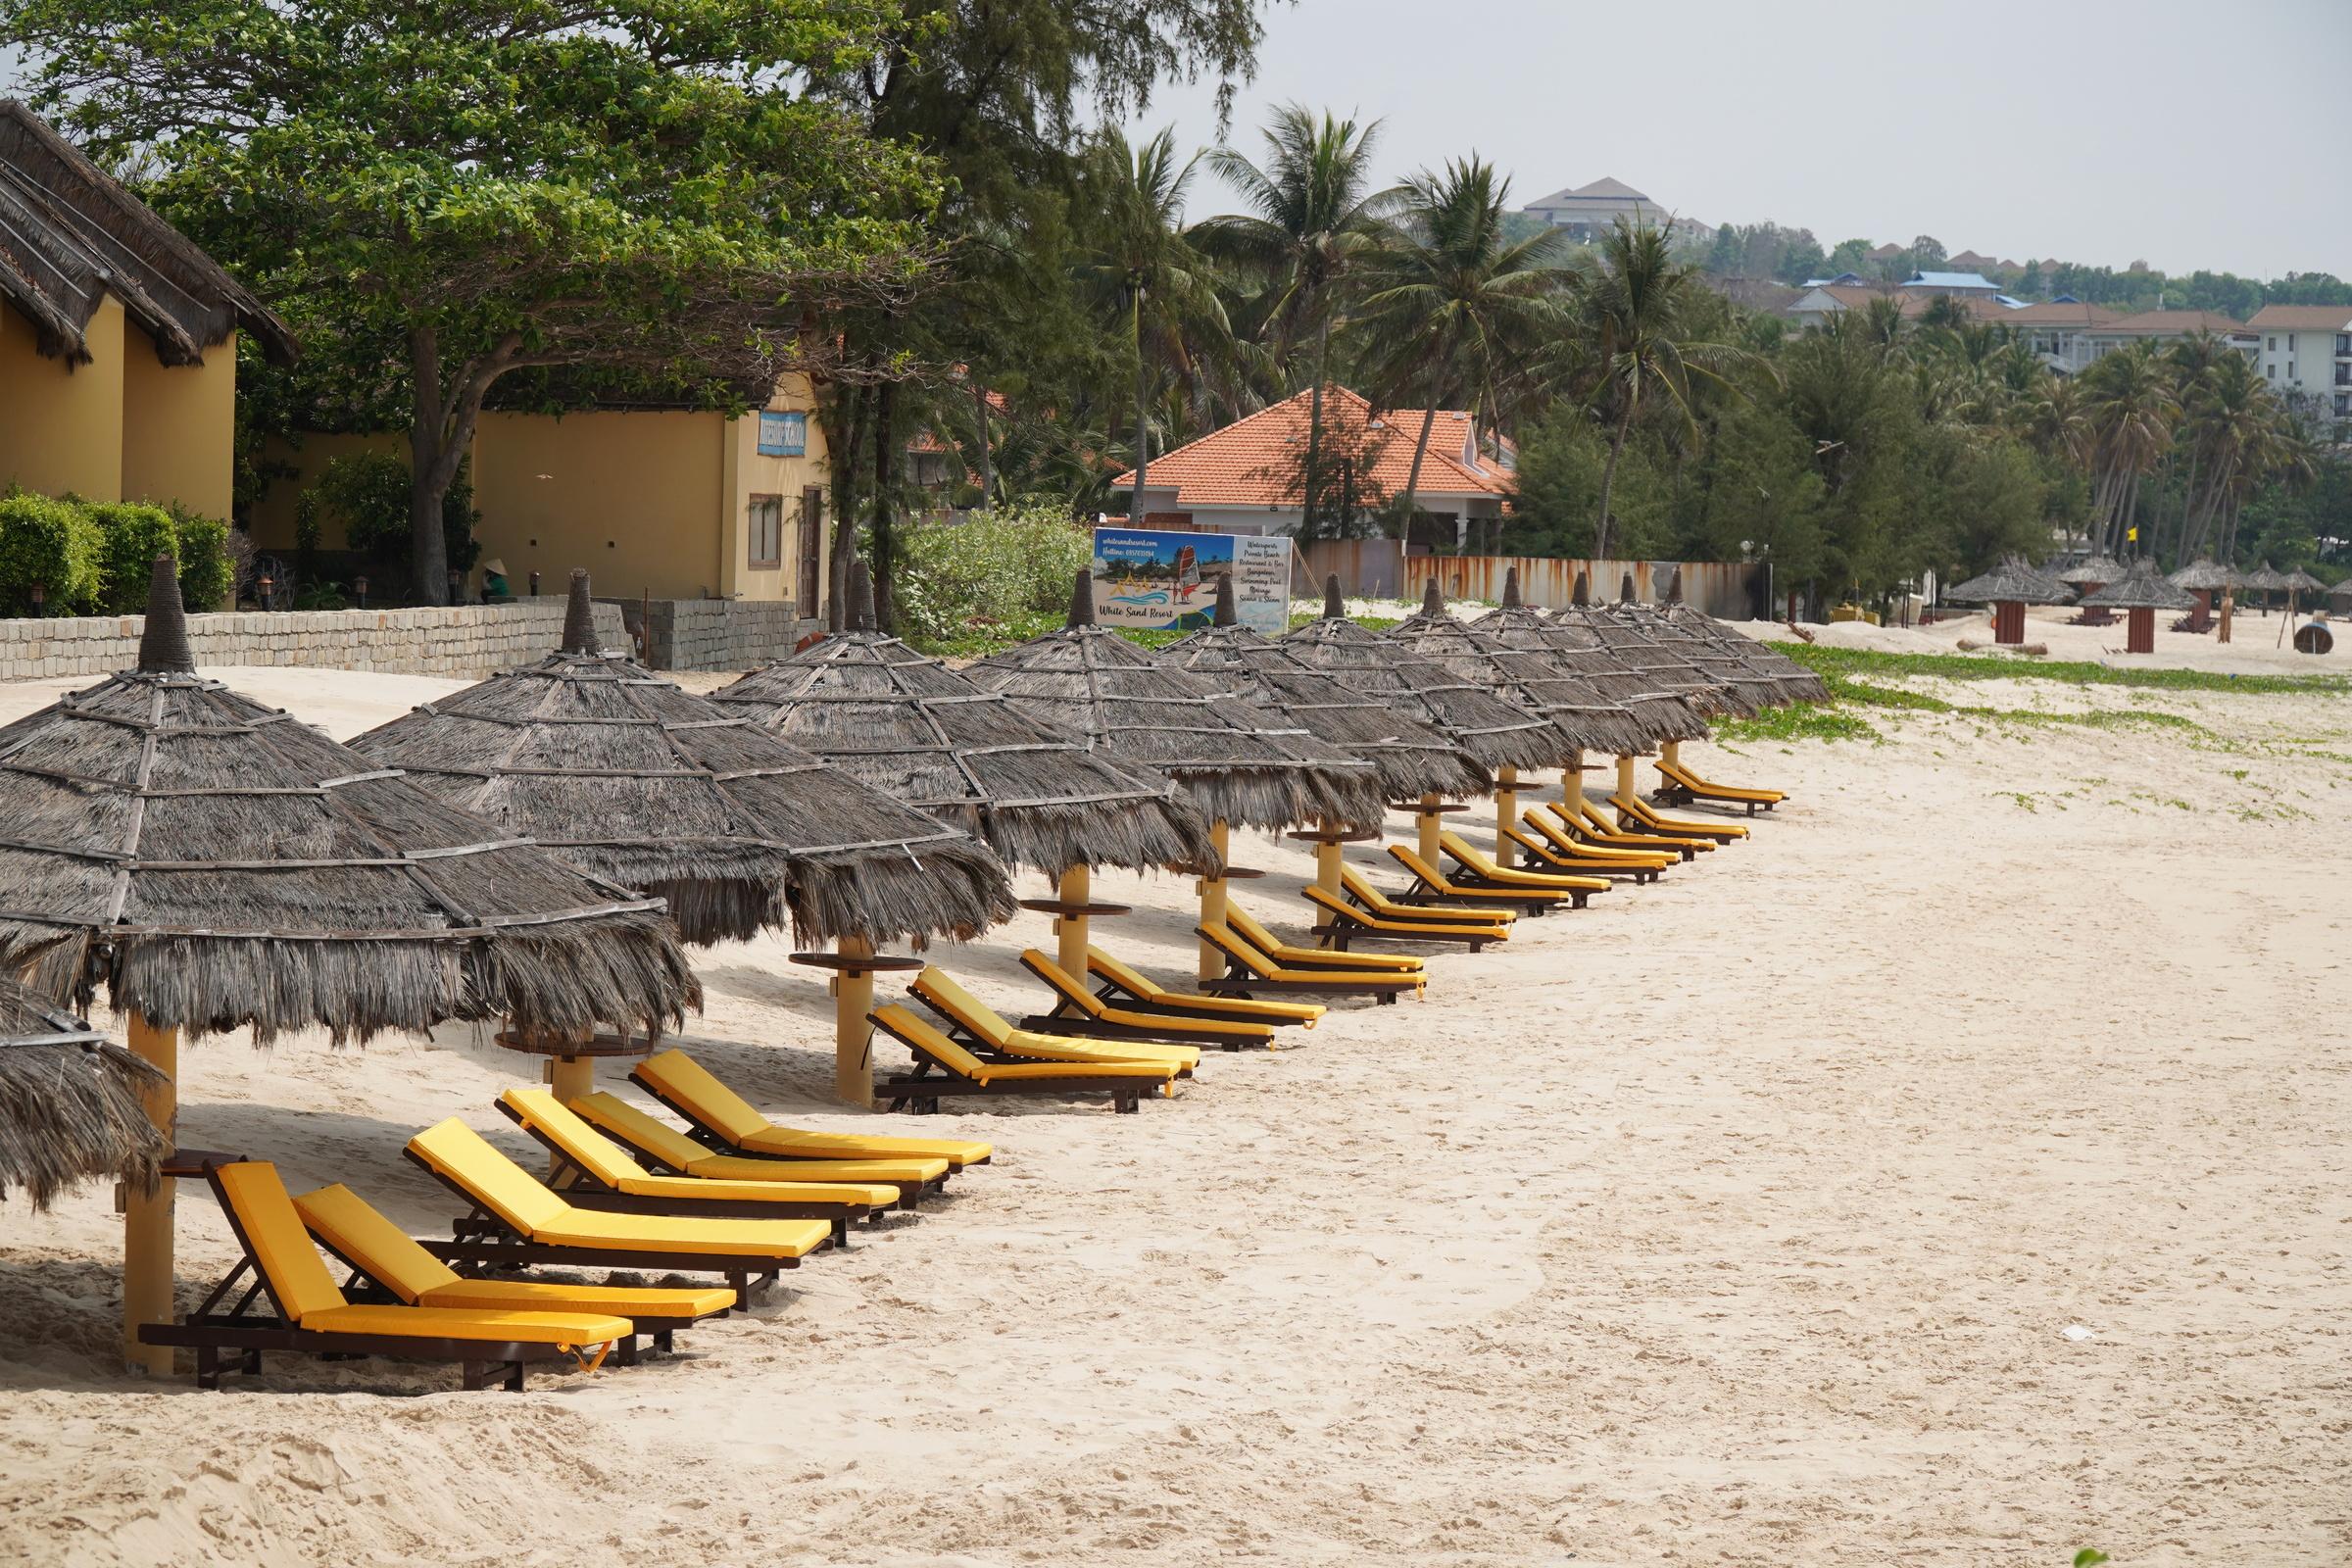 Các khu nghỉ dưỡng ven biển Phan Thiết đìu hiu do ảnh hưởng covid-19. Ảnh: Việt Quốc.